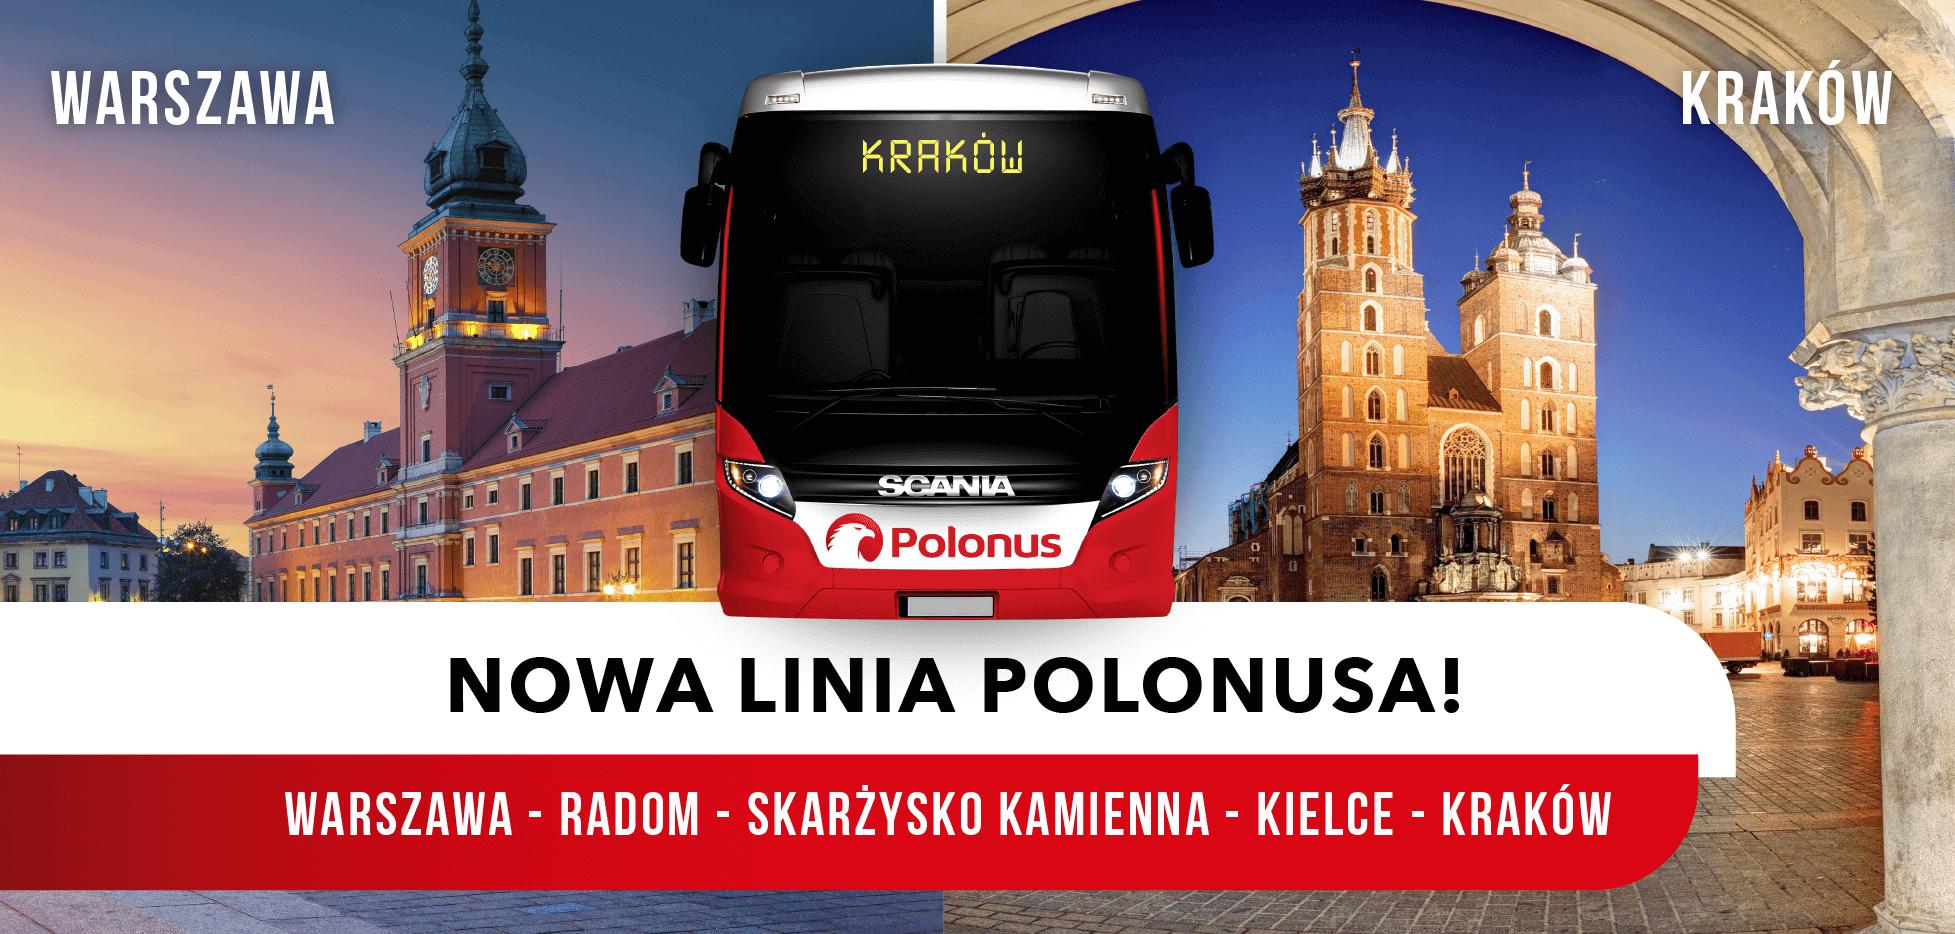 Startuje nowa linia Polonusa z Warszawy do Krakowa!